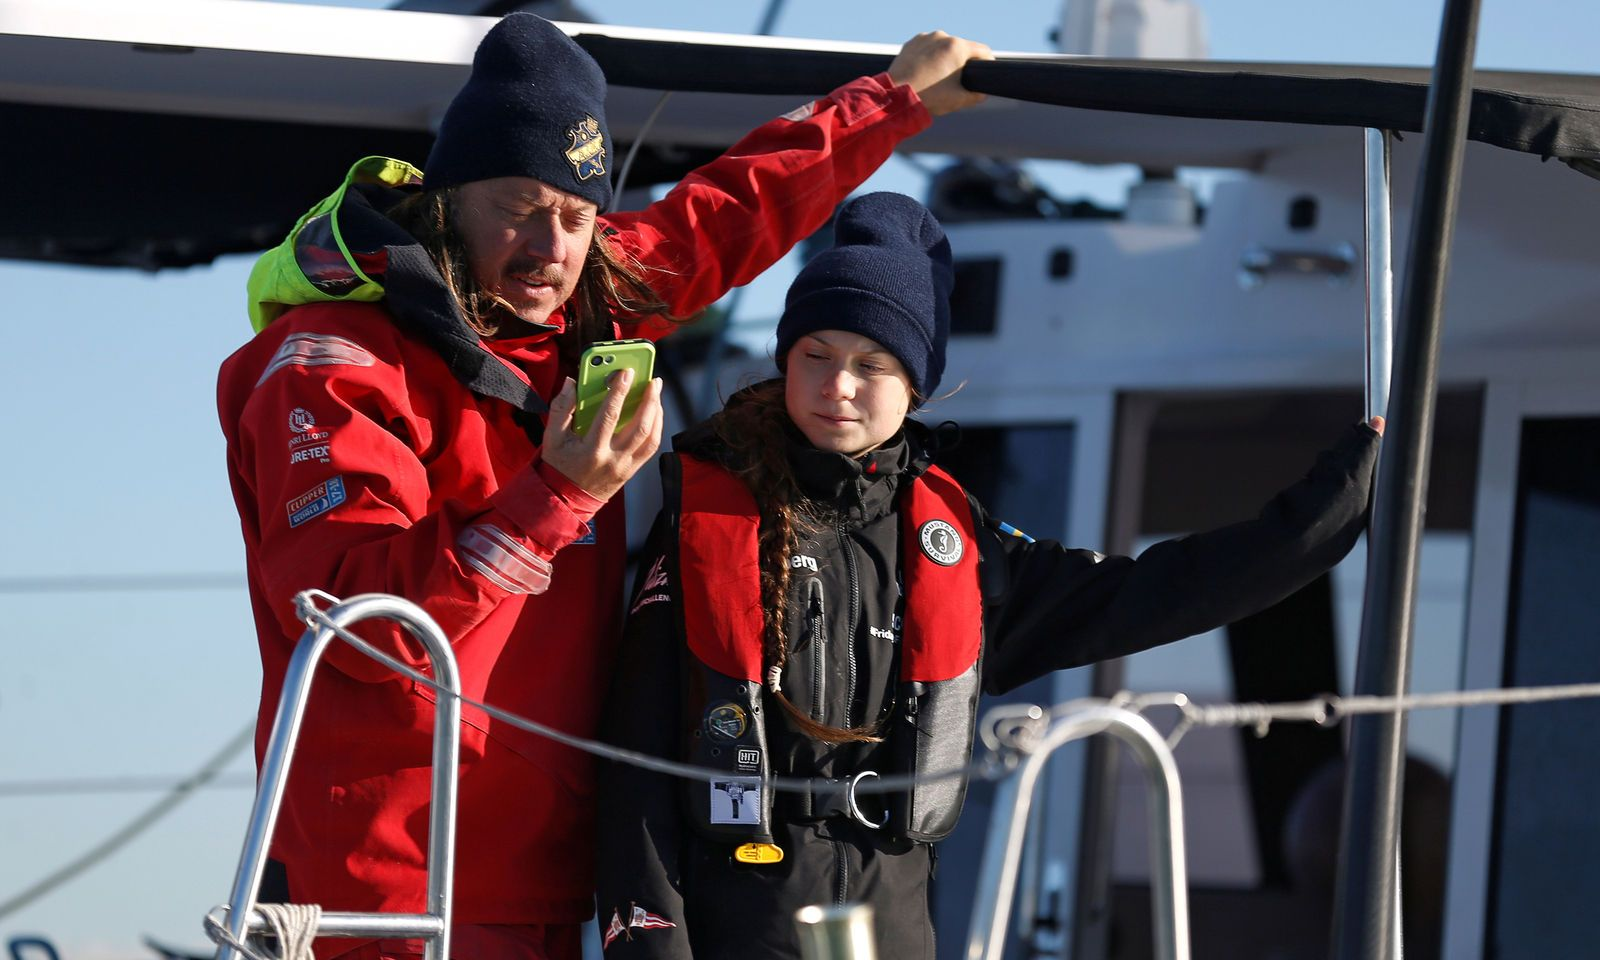 Die 16-jährige Klimaaktivistin Greta Thunberg ist zurück in Europa. Am Dienstag ging sie nach drei Wochen auf See in Lissabon wieder an Land.